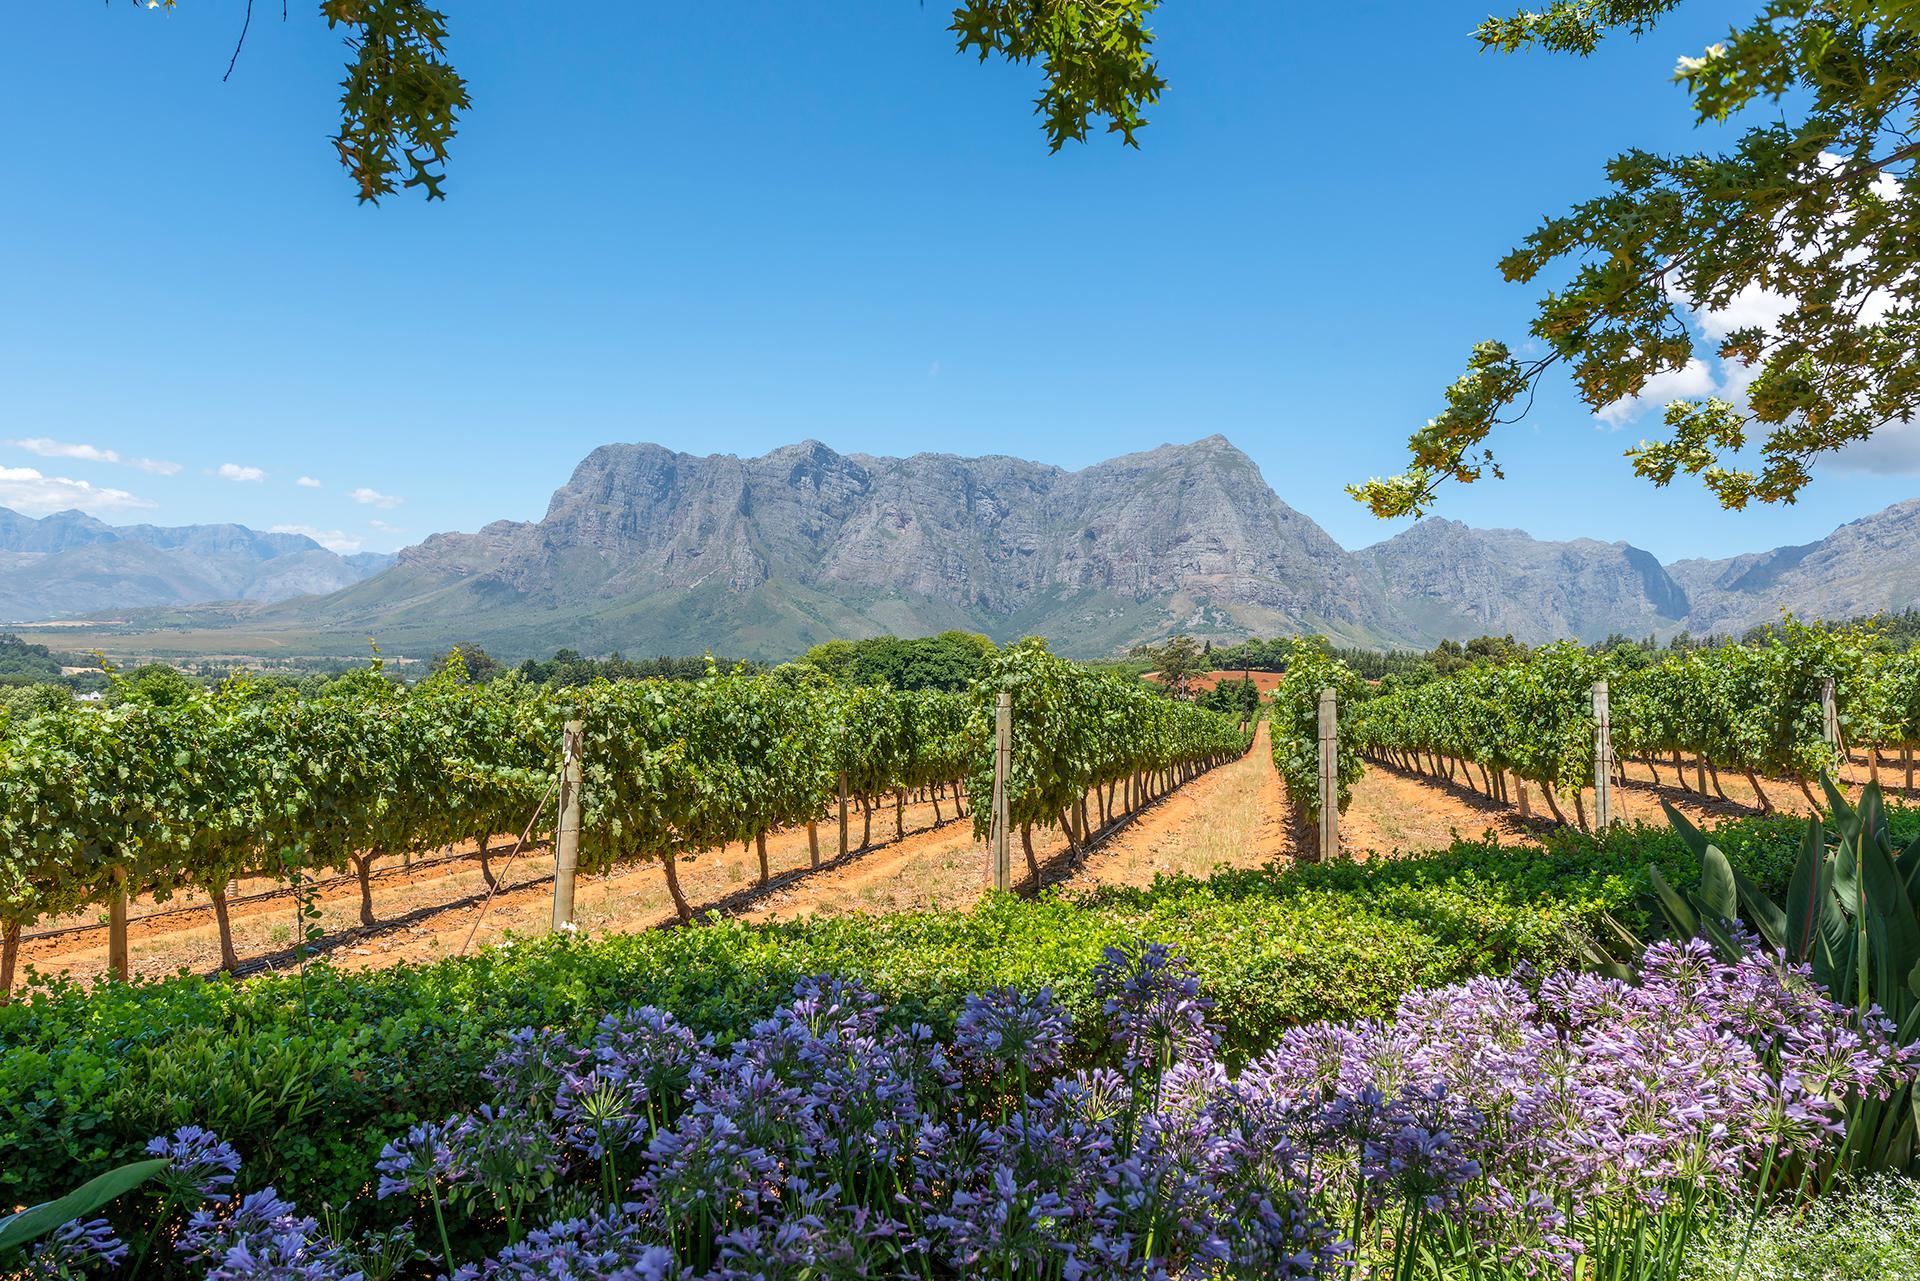 La región vinícola de Sudáfrica ofrece hermosos paisajes. Los tours de cata de vinos a menudo tienen un precio alto. Pero a las afueras de Ciudad del Cabo, la región vinícola de Cape Winelands en Sudáfrica ofrece muestras económicas de vinos y cocina locales rodeados de hermosos paisajes